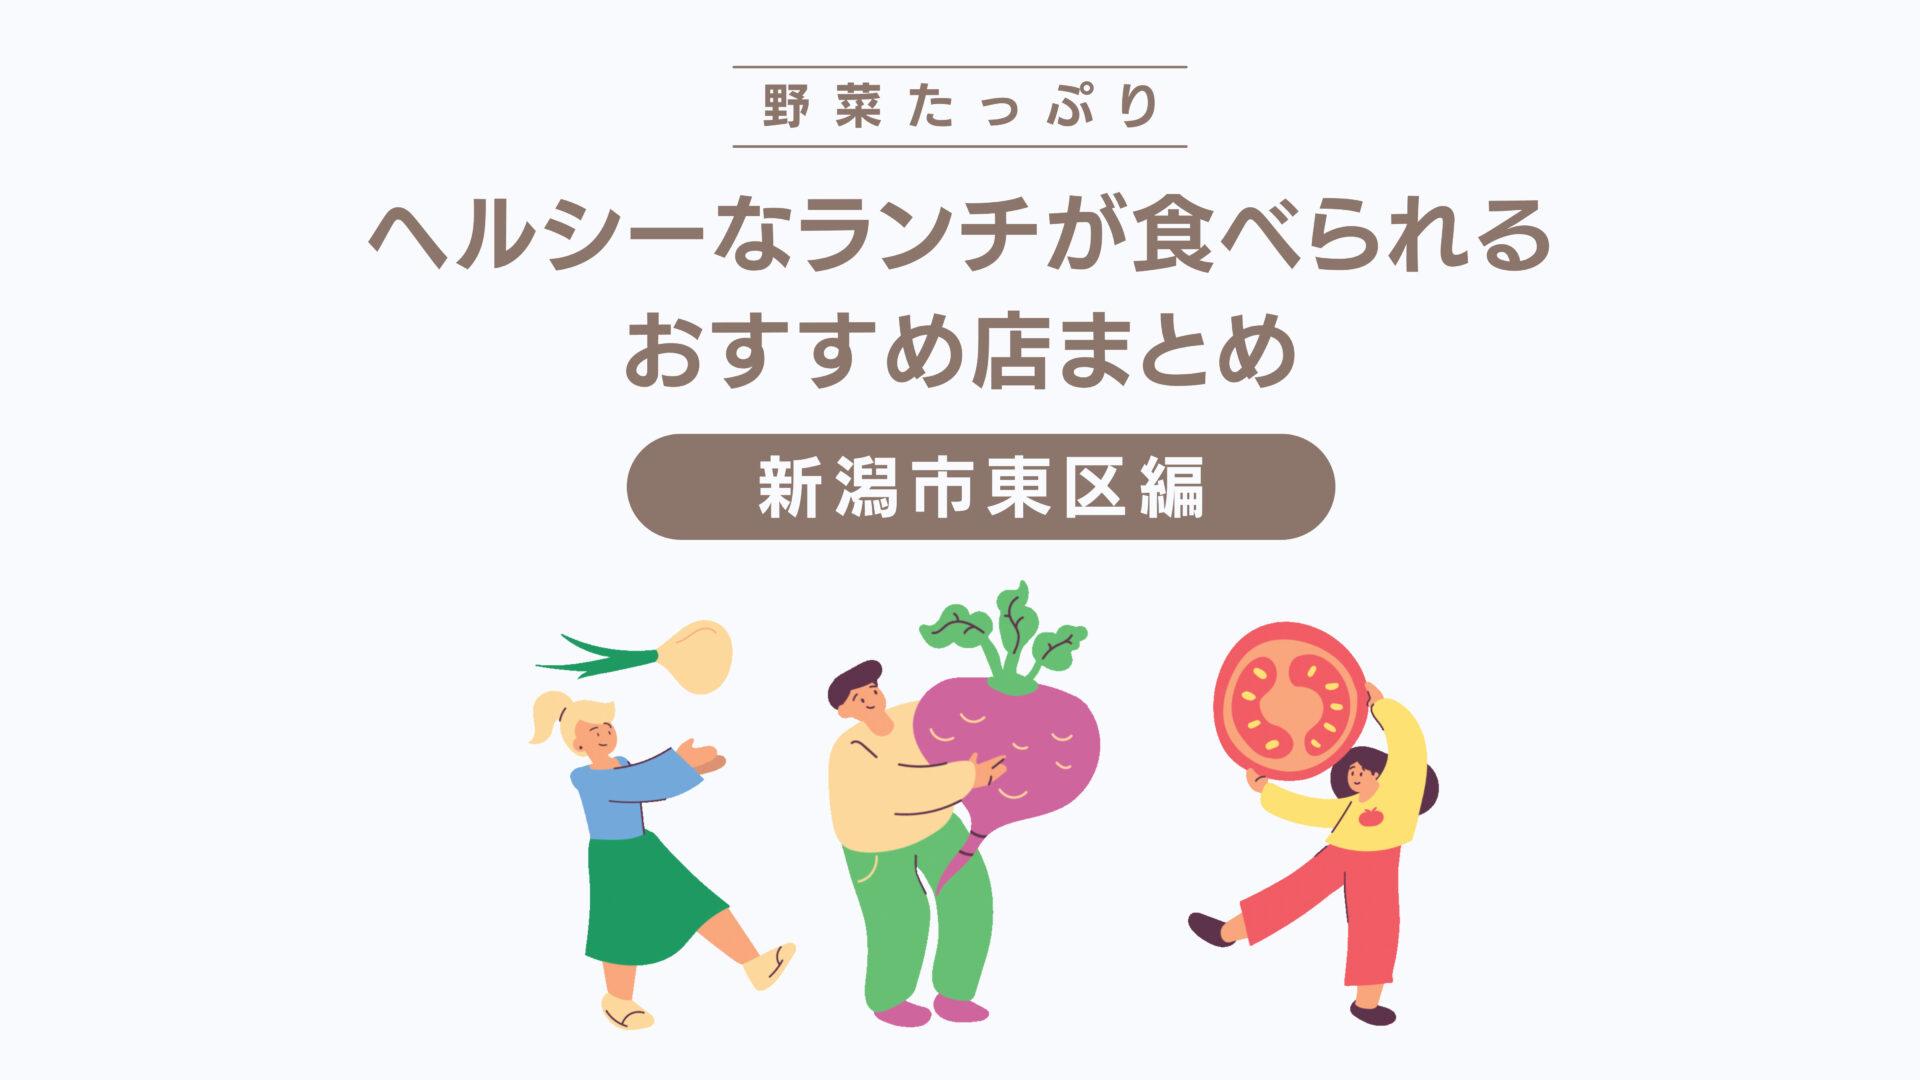 【新潟市東区】ヘルシーなランチが食べられるおすすめ店まとめ【野菜がいっぱい食べれる】